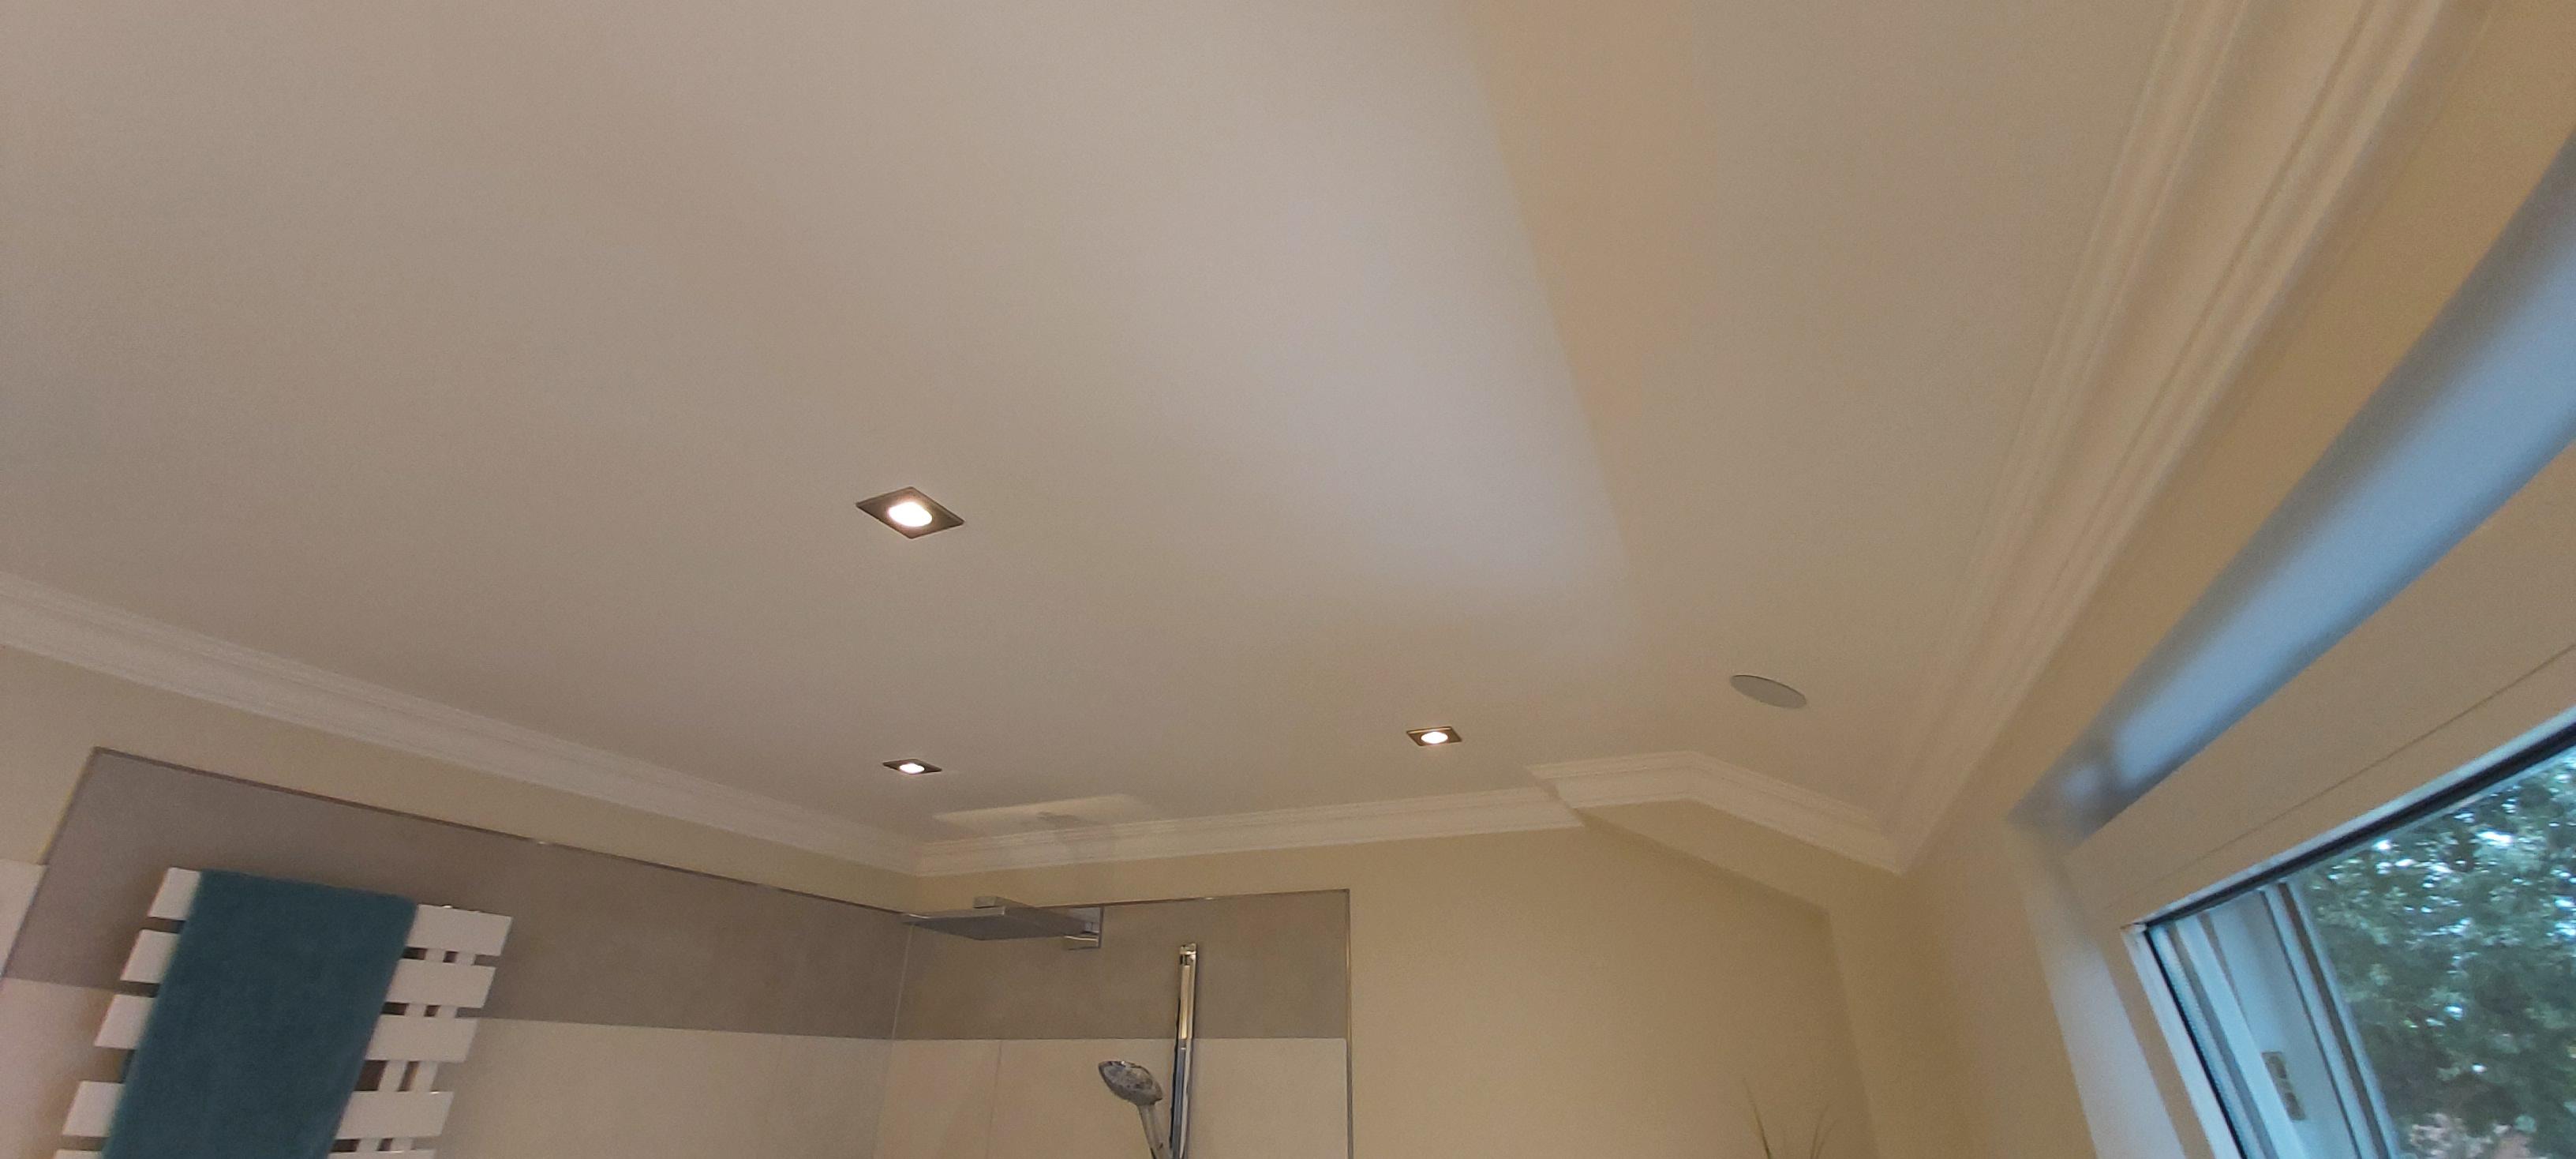 Decke und Beleuchtung